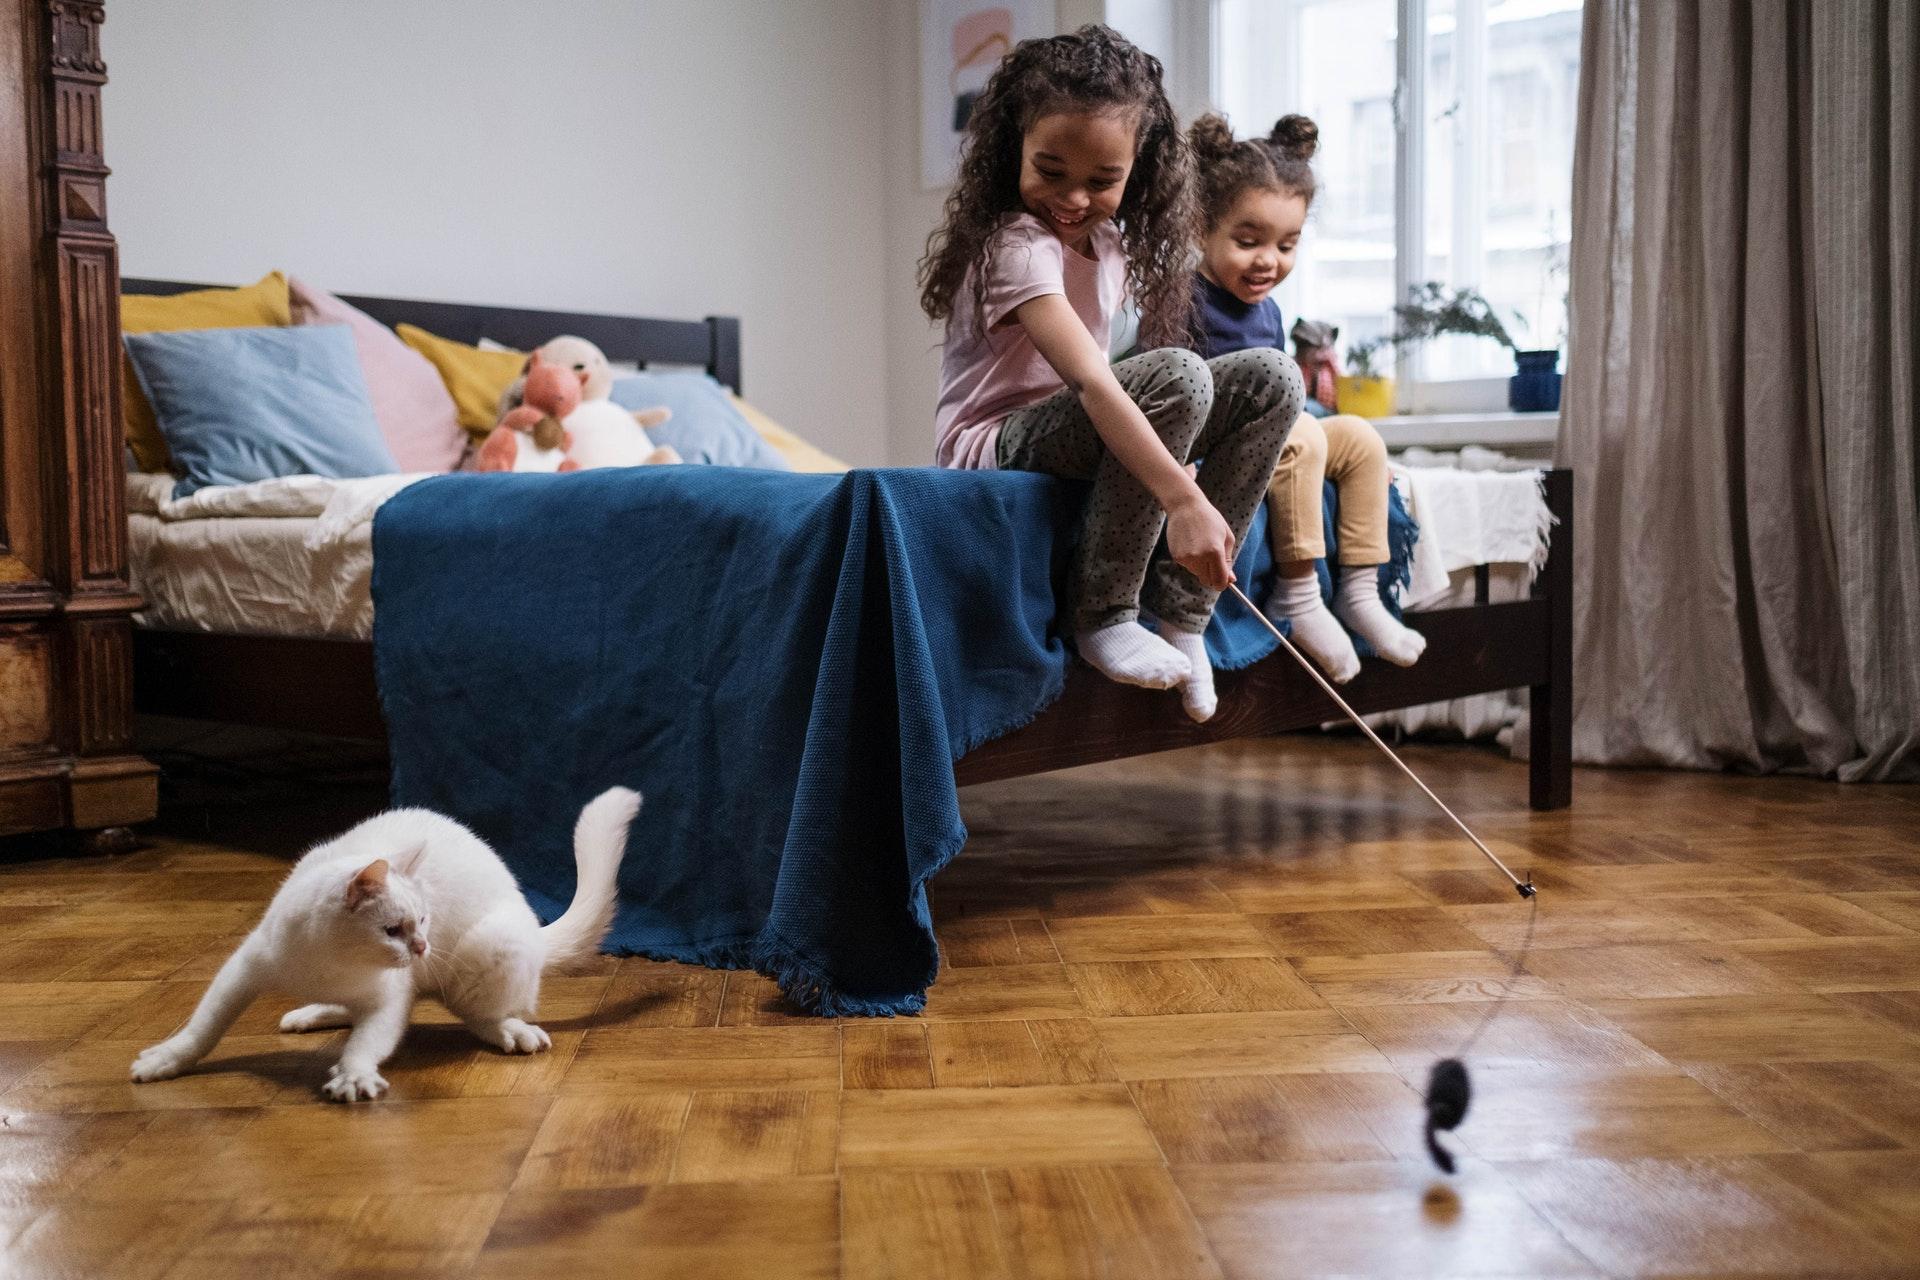 Comment garder ses enfants en sécurité avec des animaux de compagnie ?